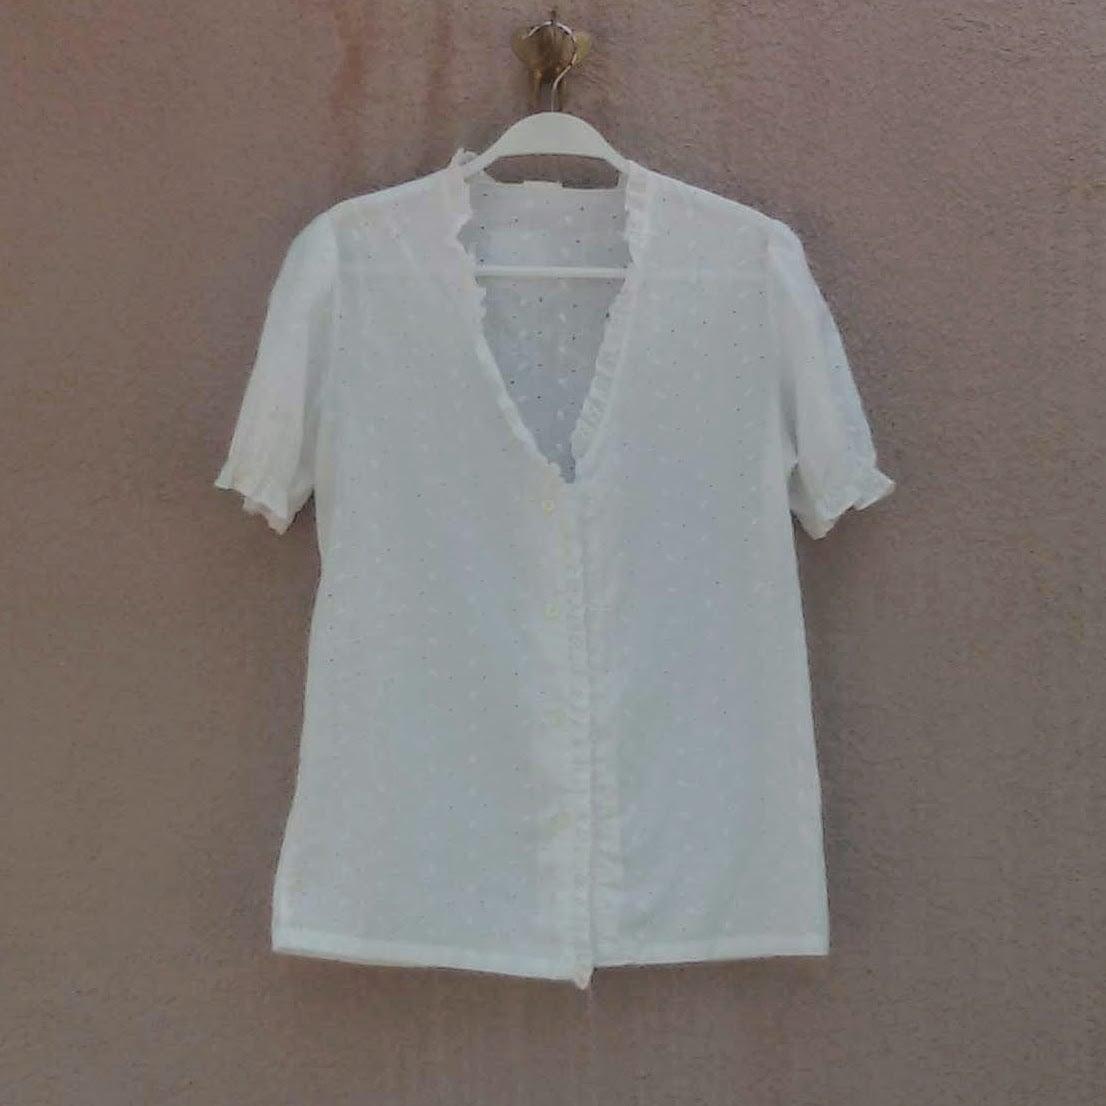 חולצת כותנה לבנה מכופתרת מידה S/M